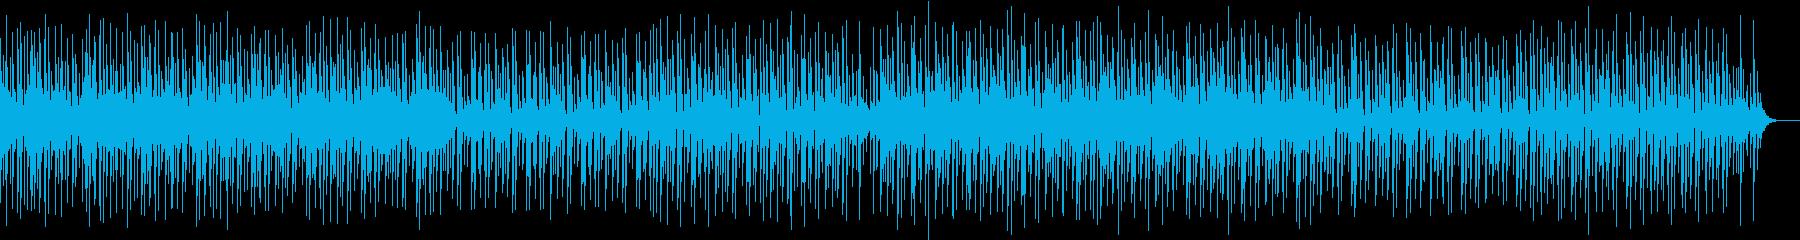 YouTube・おしゃれかわいいEDMの再生済みの波形